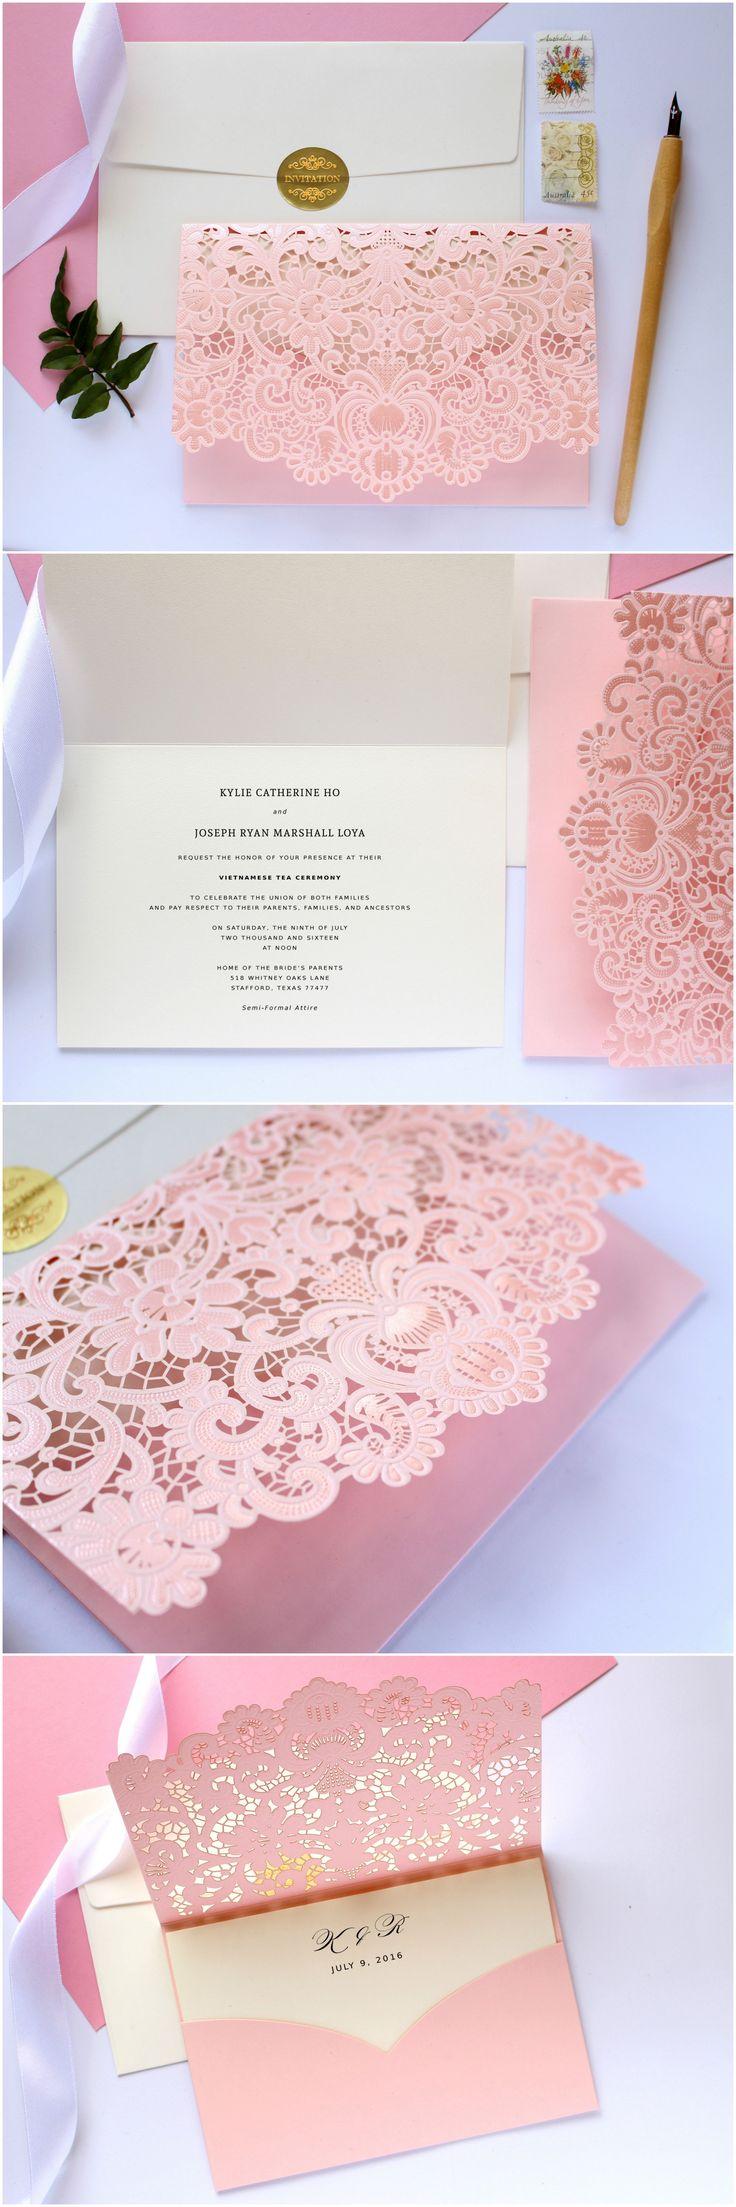 Blush pink laser cut wedding invitation, how pretty!